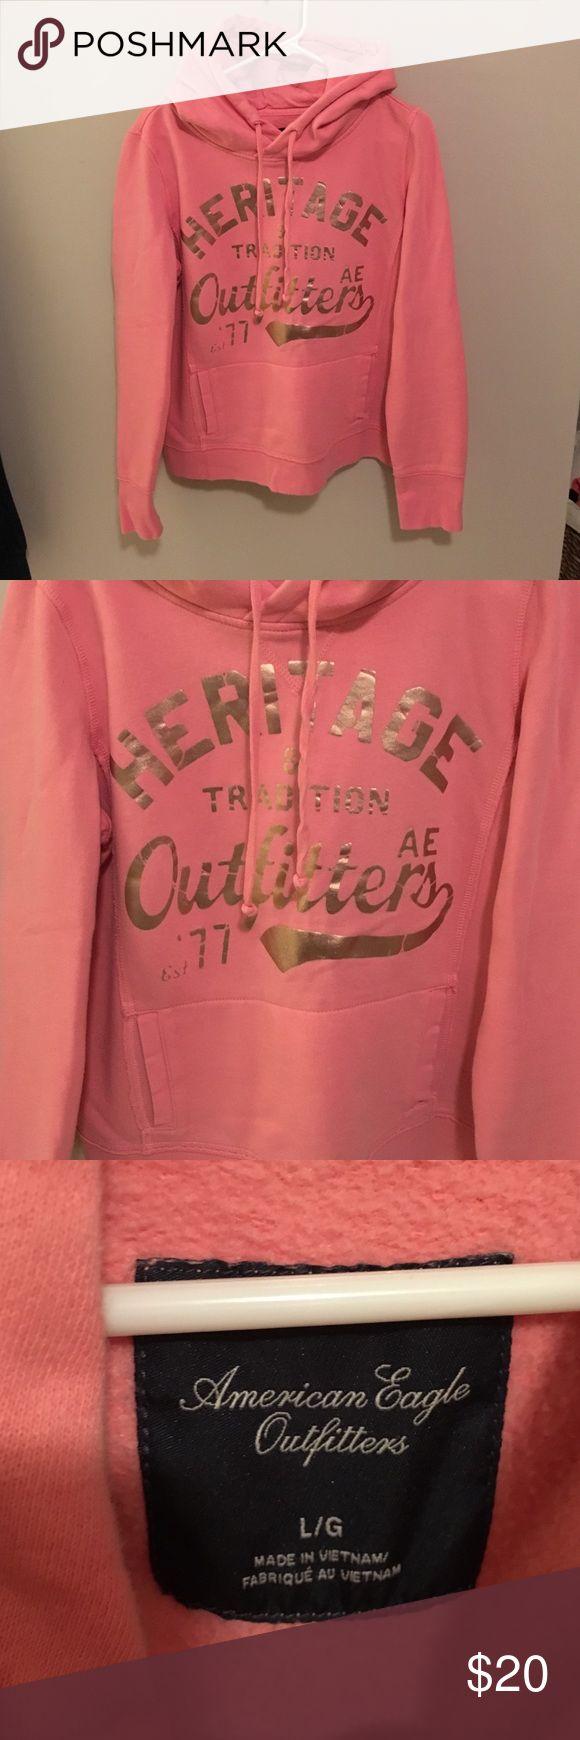 American Eagle Outfitters Hooded Sweatshirt EXCELLENT CONDITION! worn once! American Eagle Outfitters Tops Sweatshirts & Hoodies